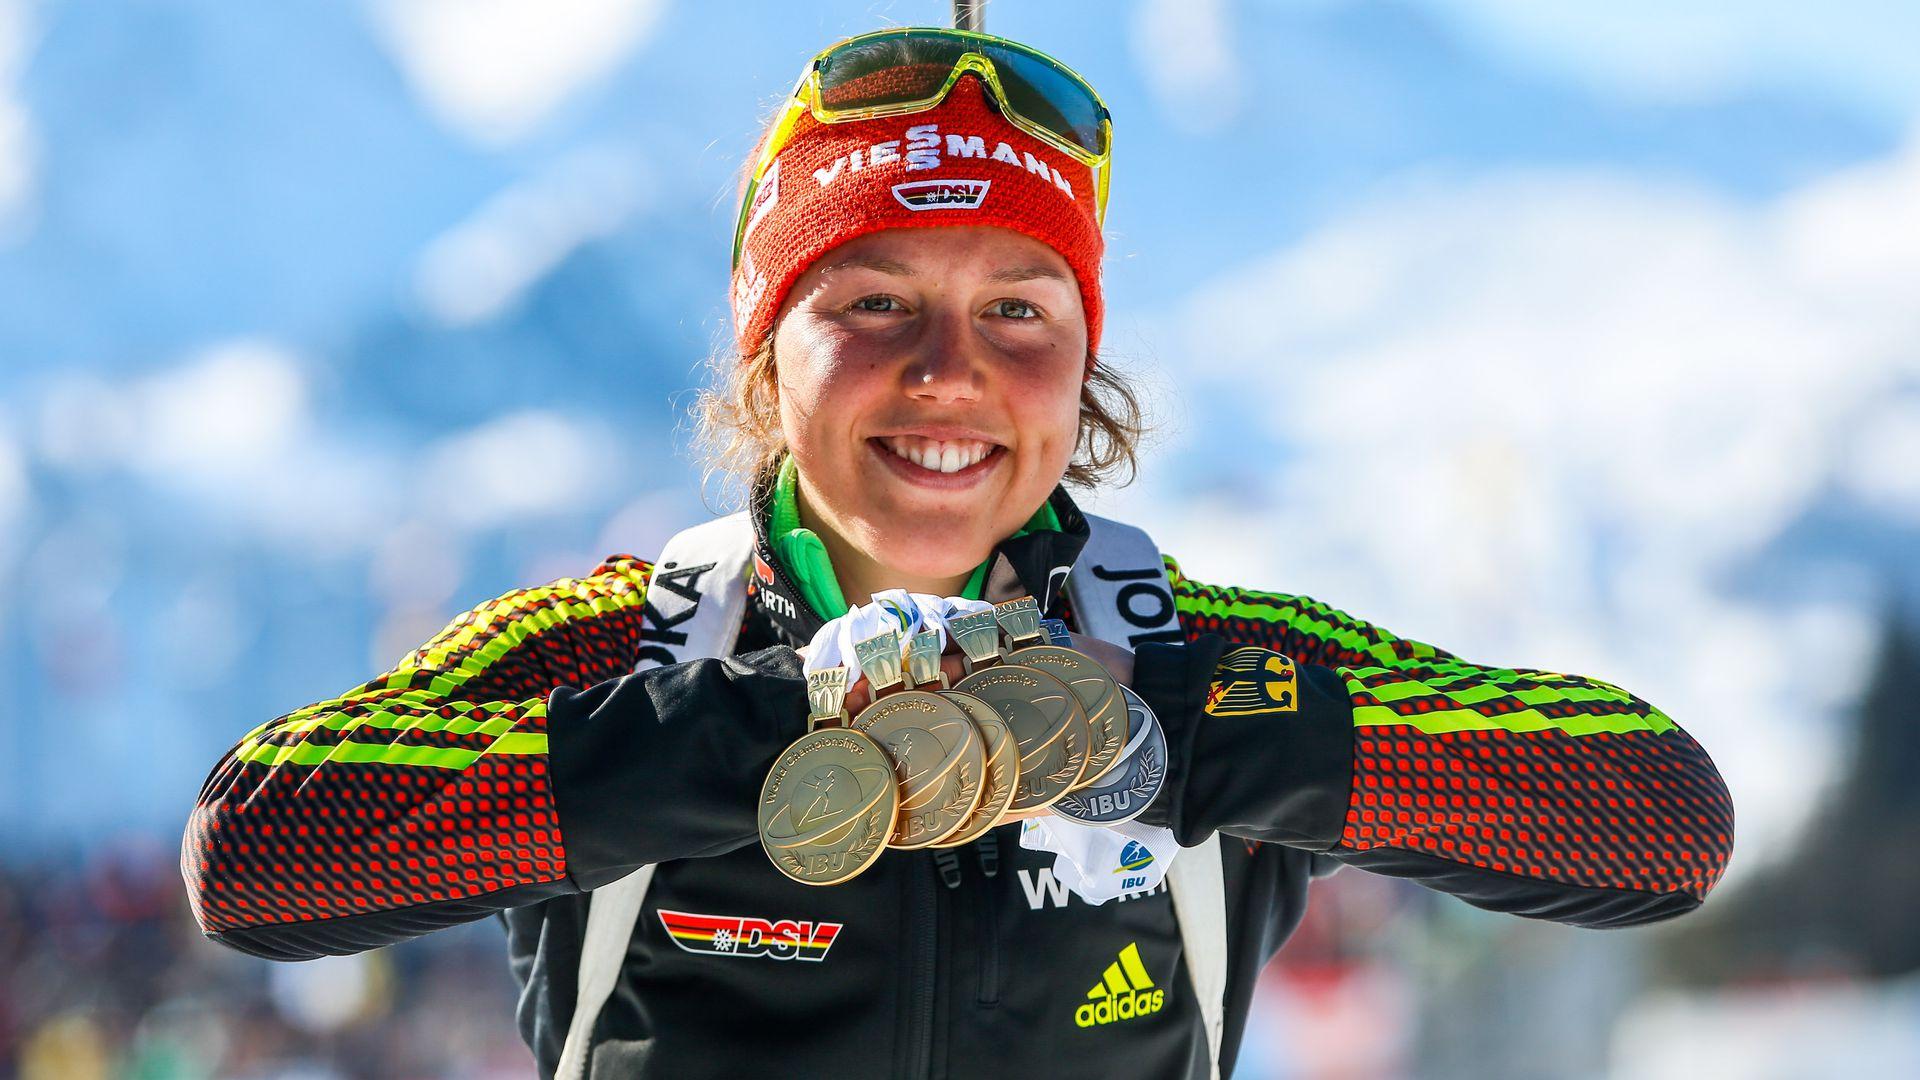 Laura Dahlmaier